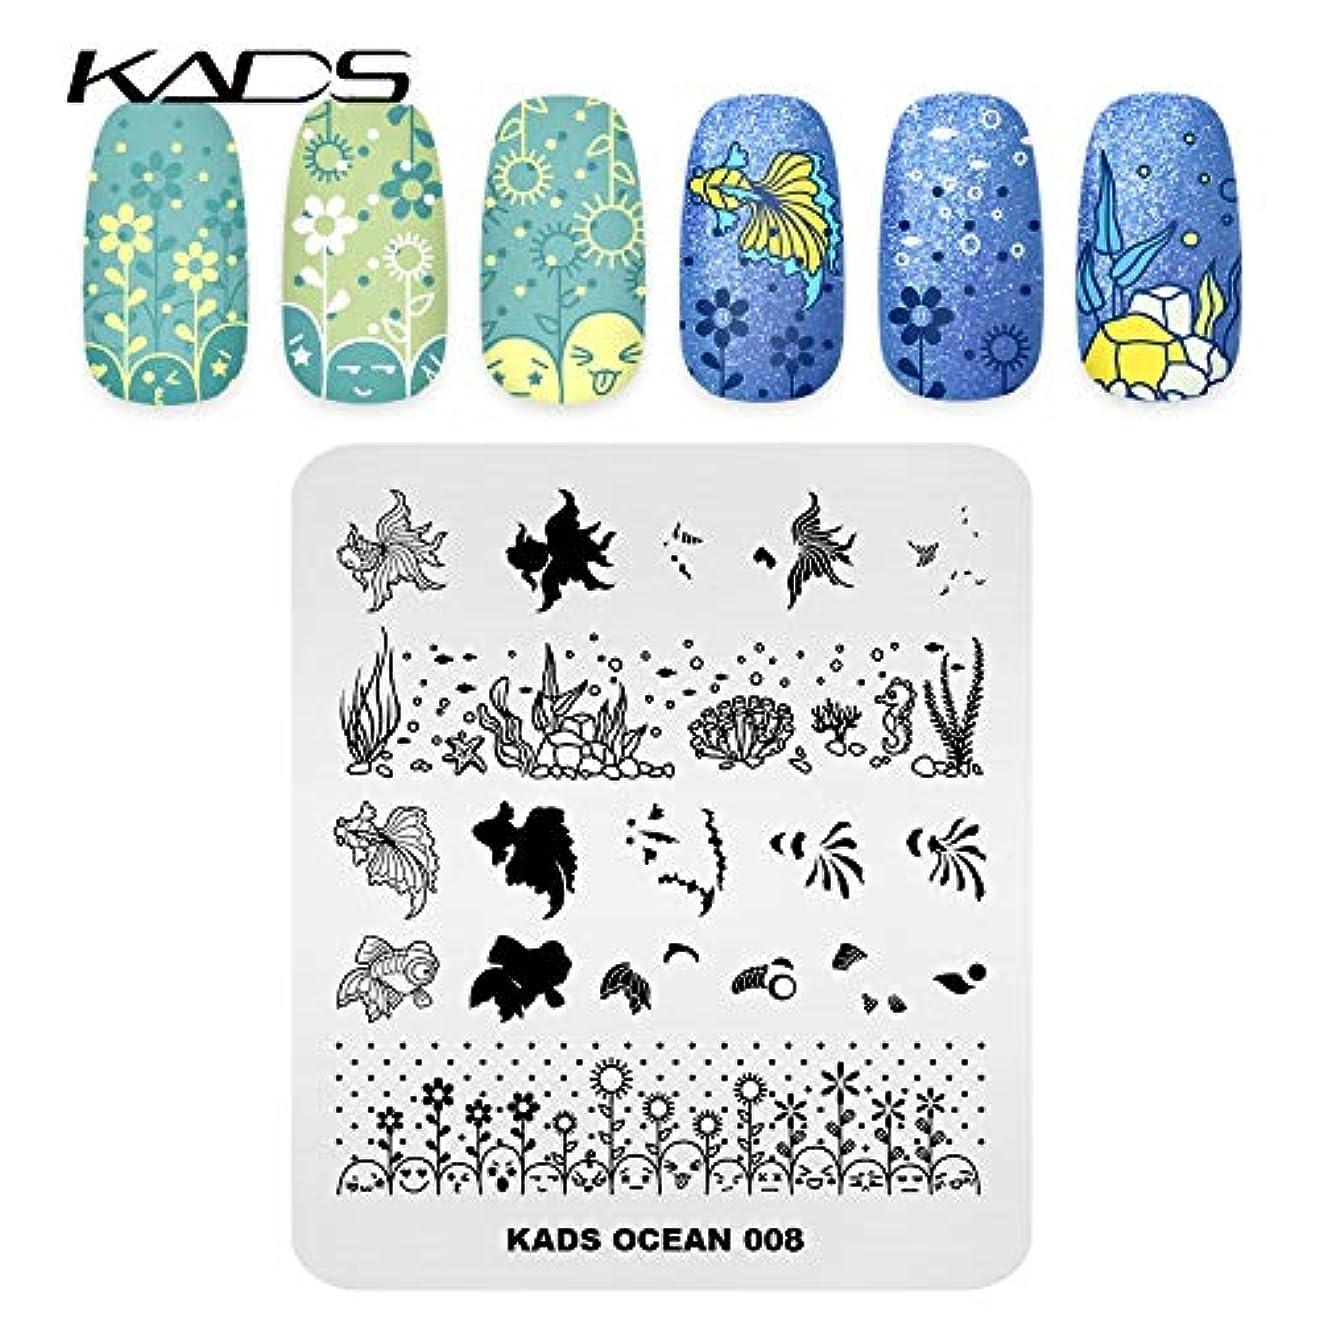 調子暫定の剪断KADS ネイルアートスタンピングプレート パターンスタンプテンプレート ネイルイメージプレート (OC008)